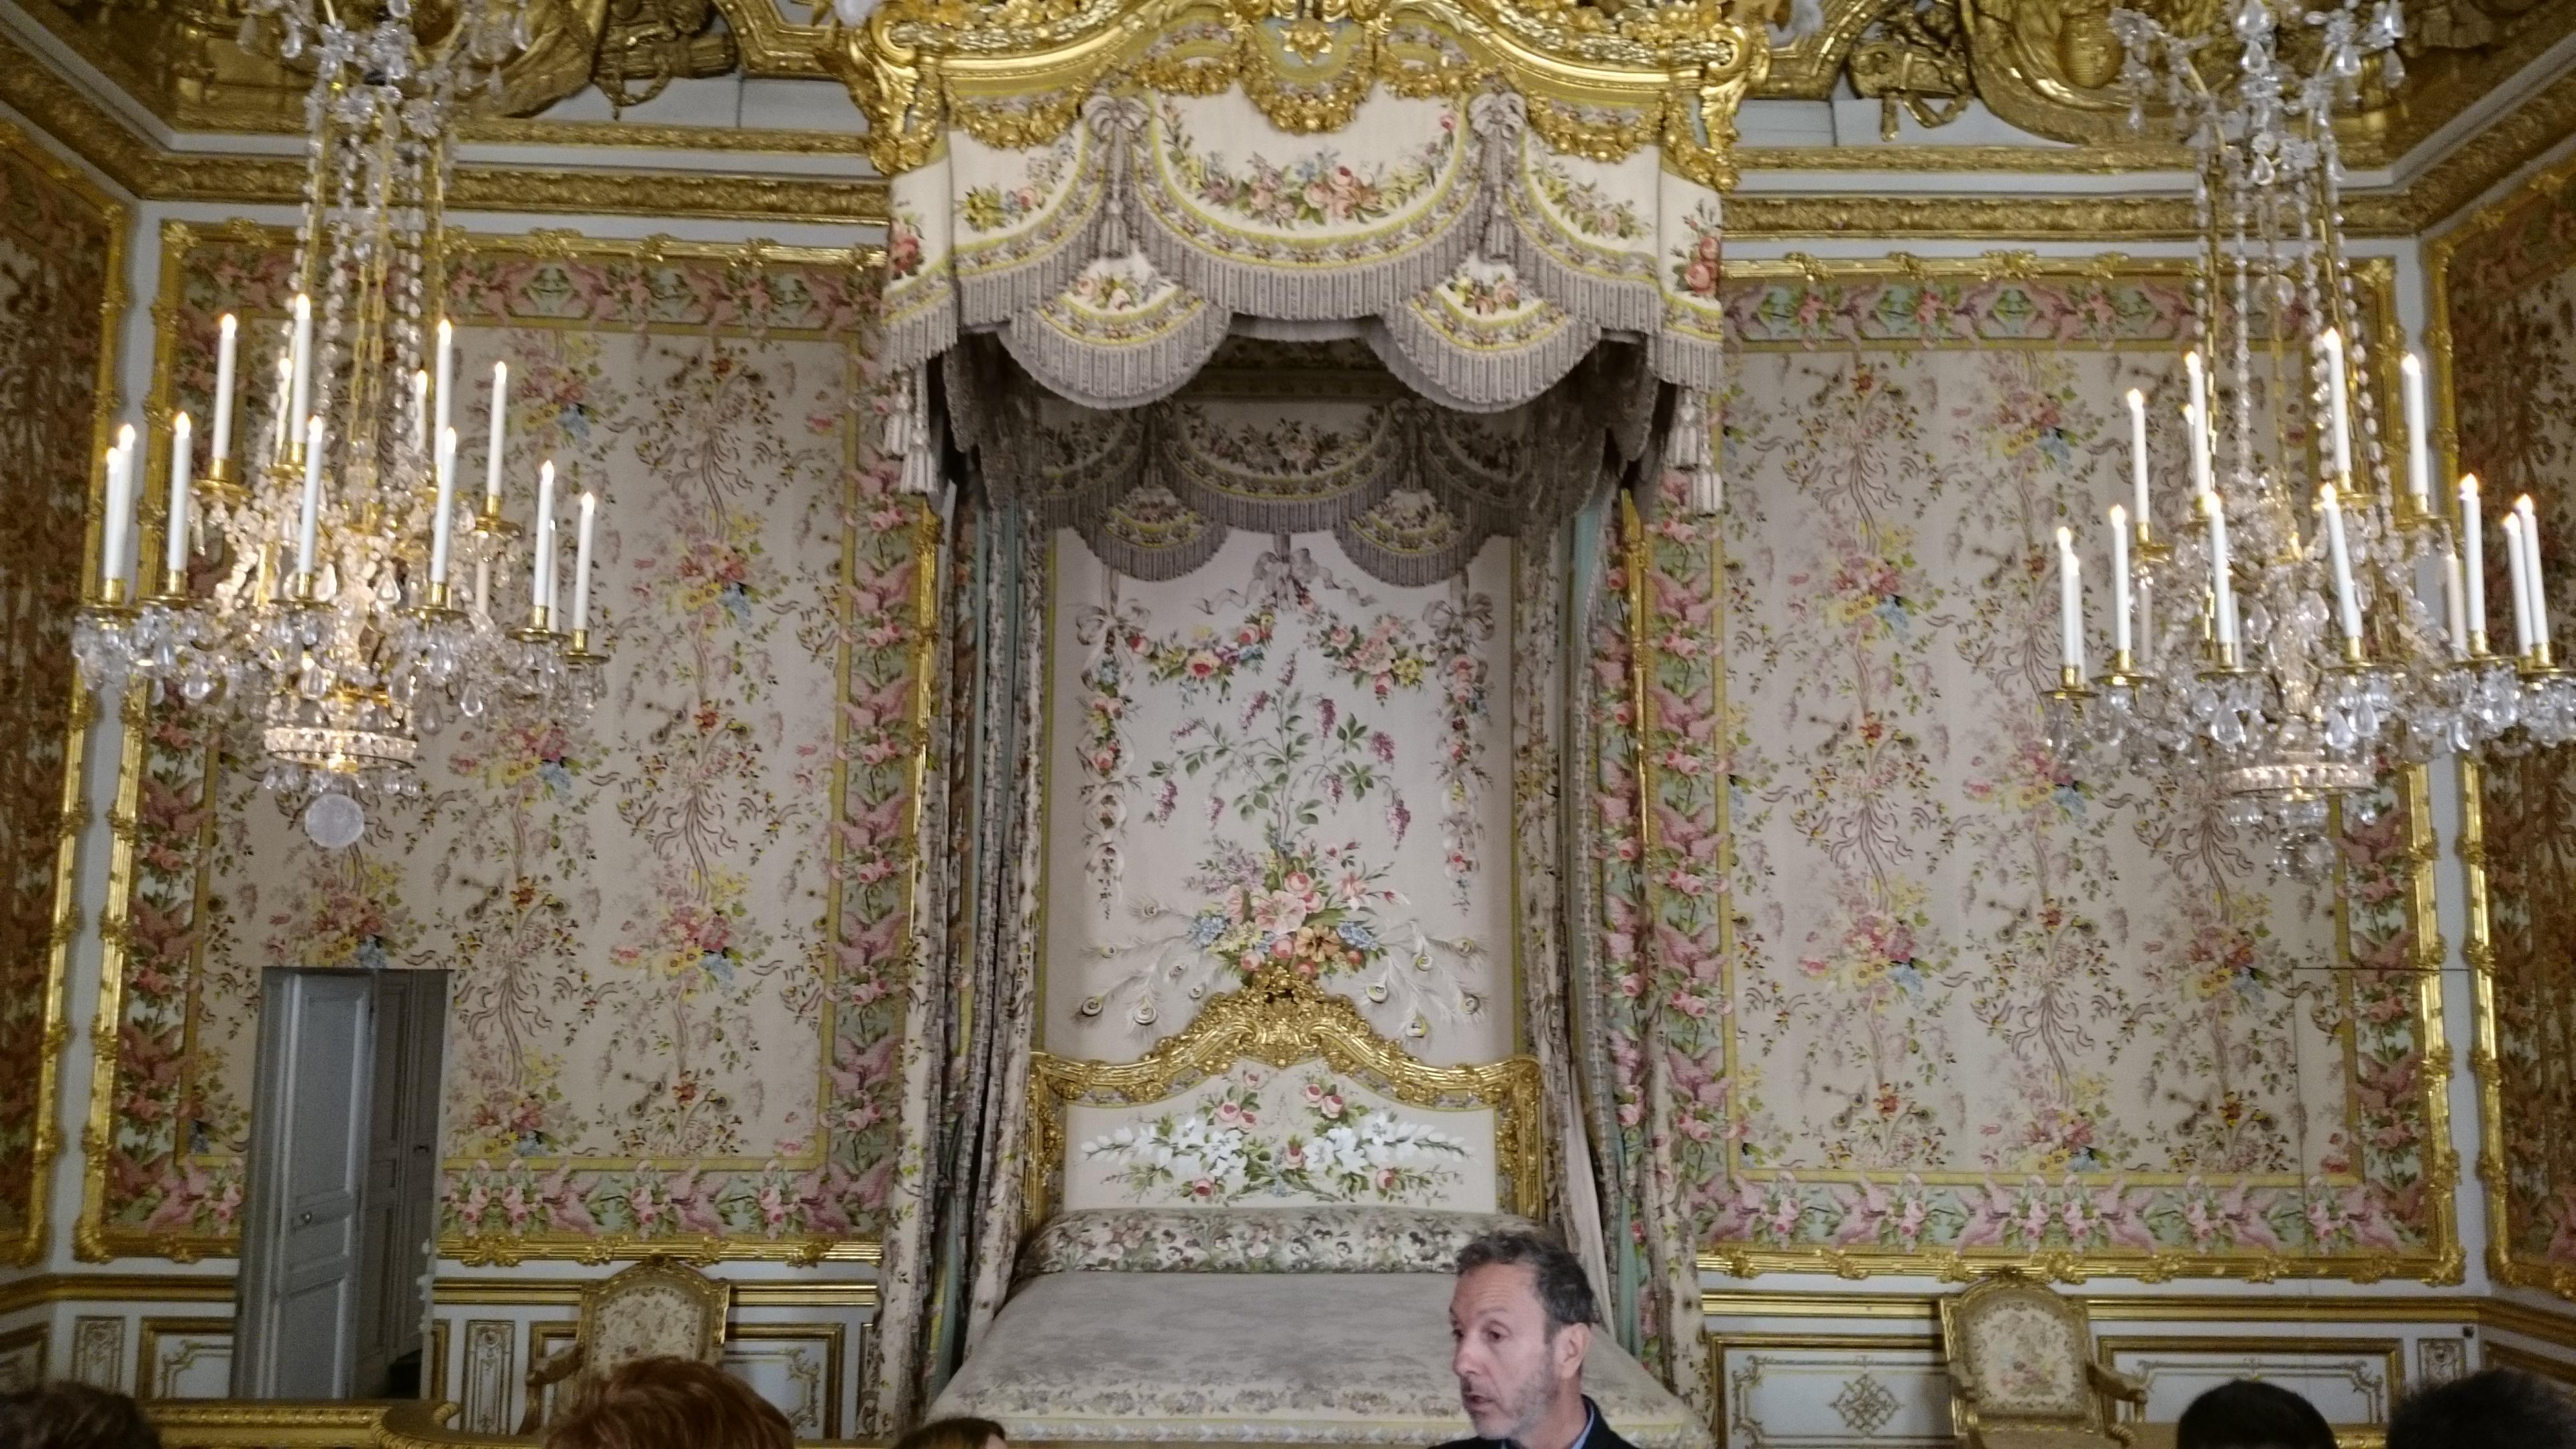 dsc 13921 - Visita al Palacio de Versalles: Como ir, cuanto cuesta y tips III/III